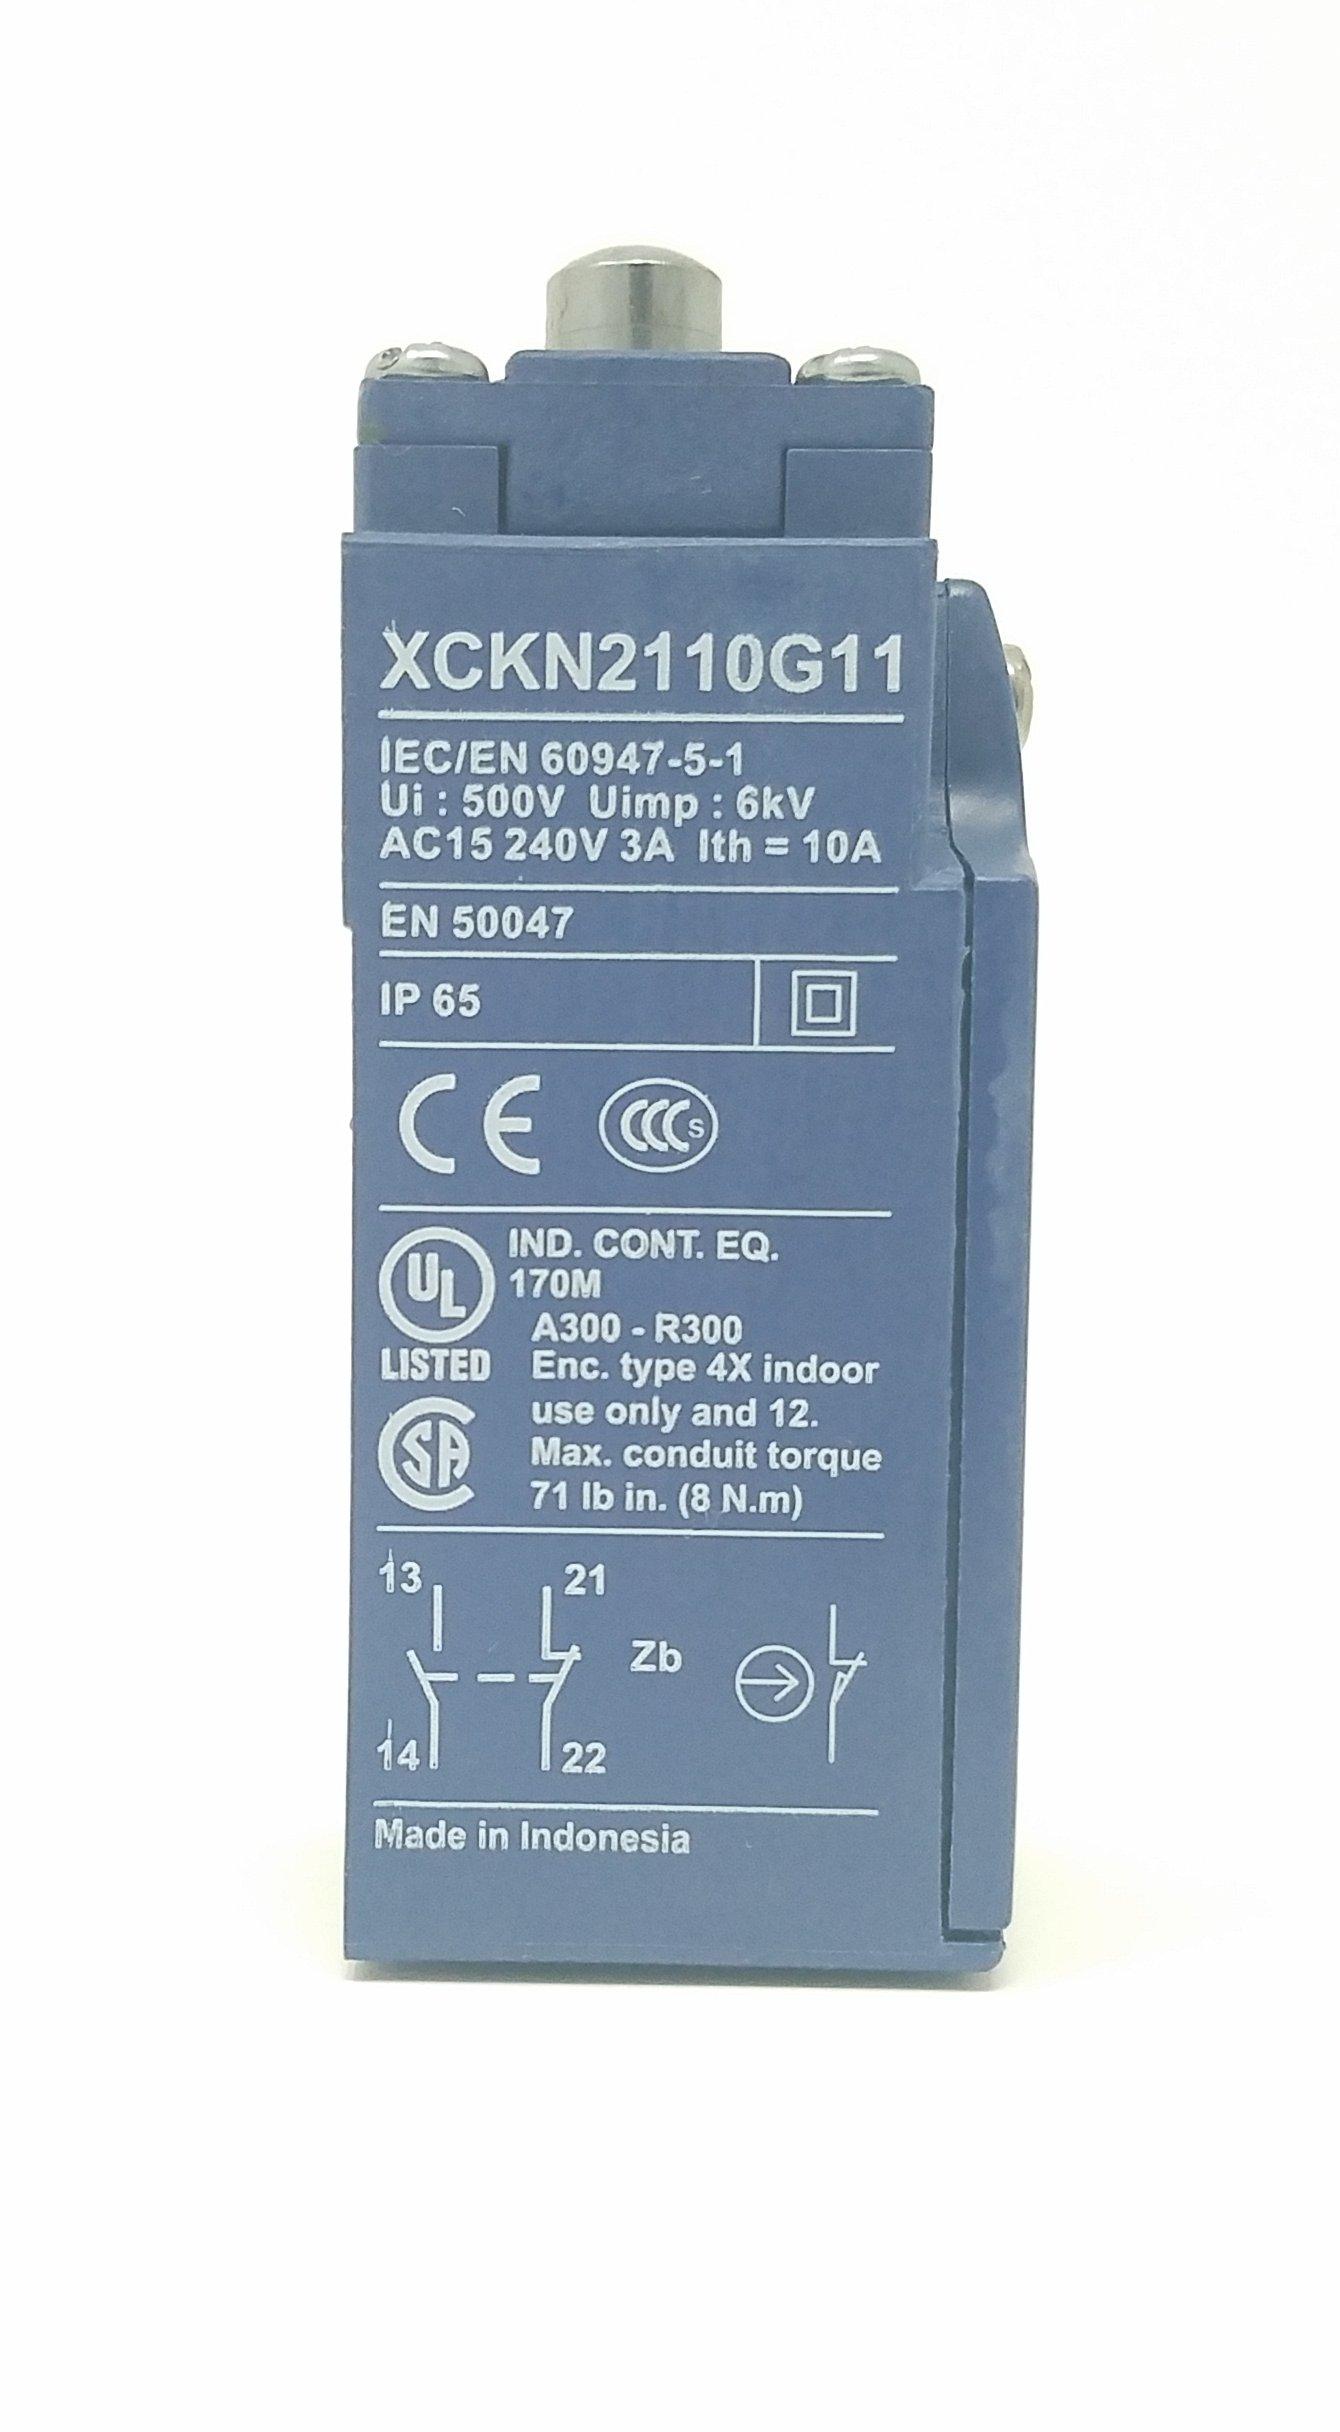 SCHNEIDER ELECTRIC XCKN2110G11 Limit Switch